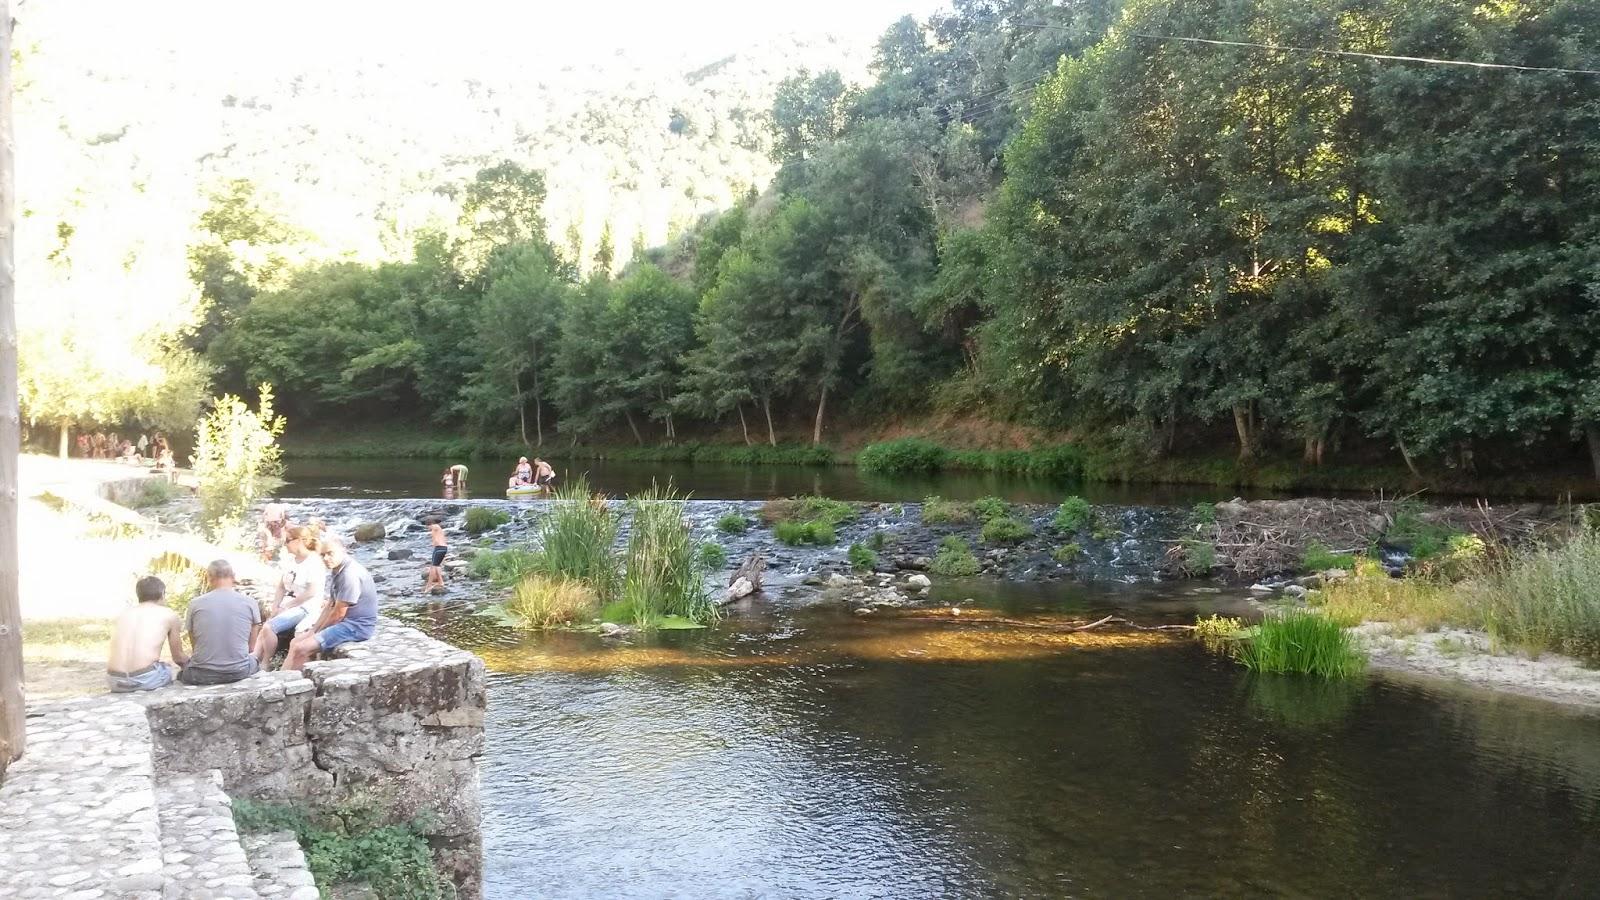 Río Cuerpo de Hombre, declarado Reserva de la Biosfera